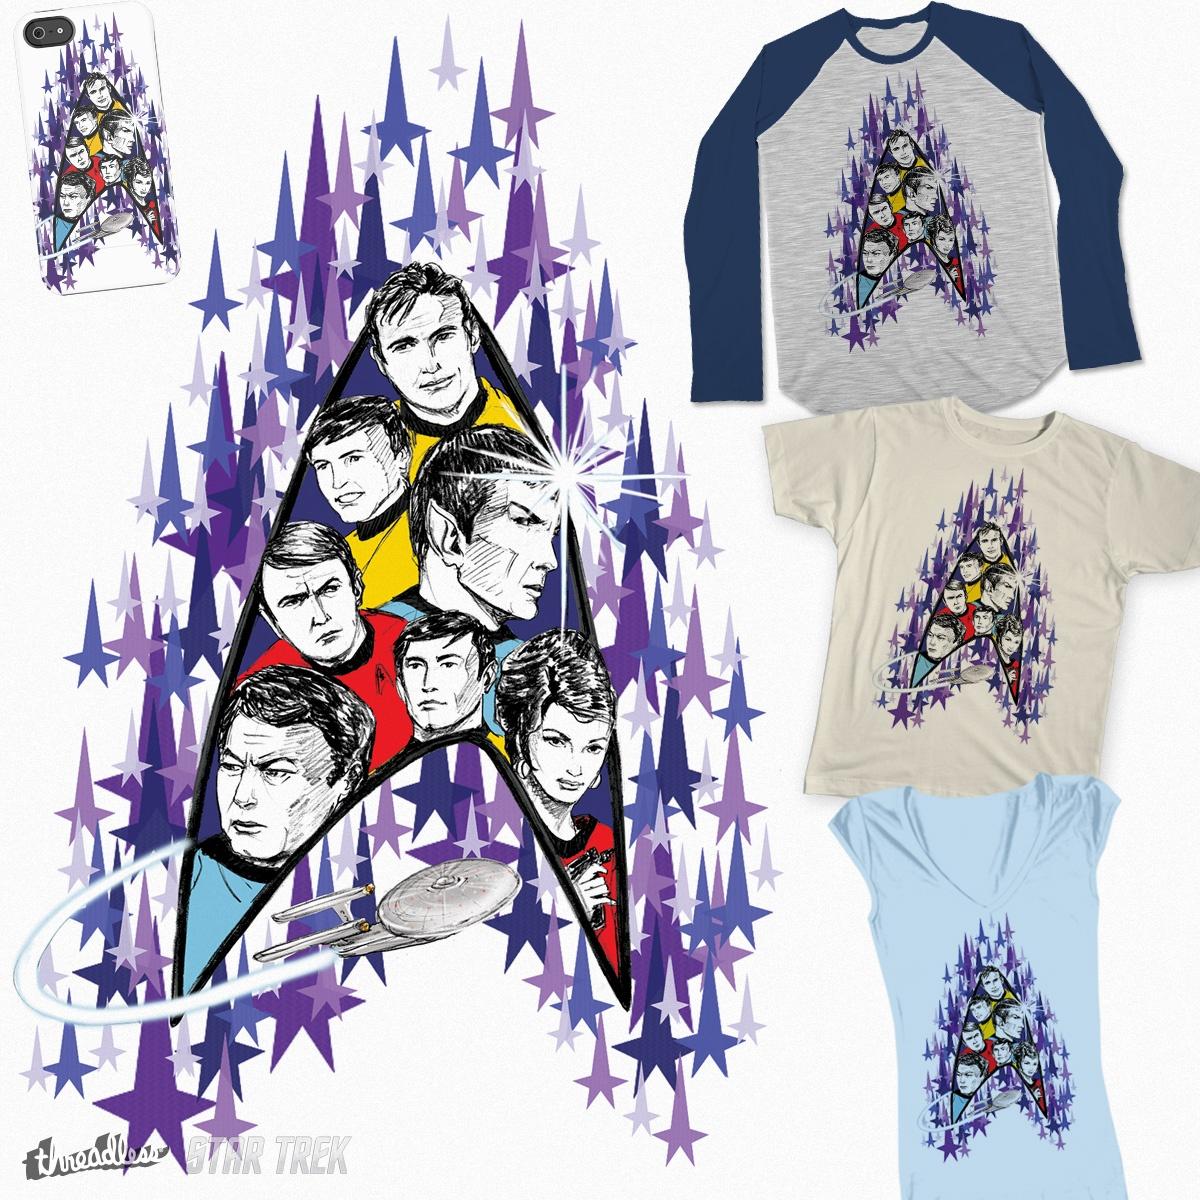 Star Trek Crew and Fleet, a cool t-shirt design